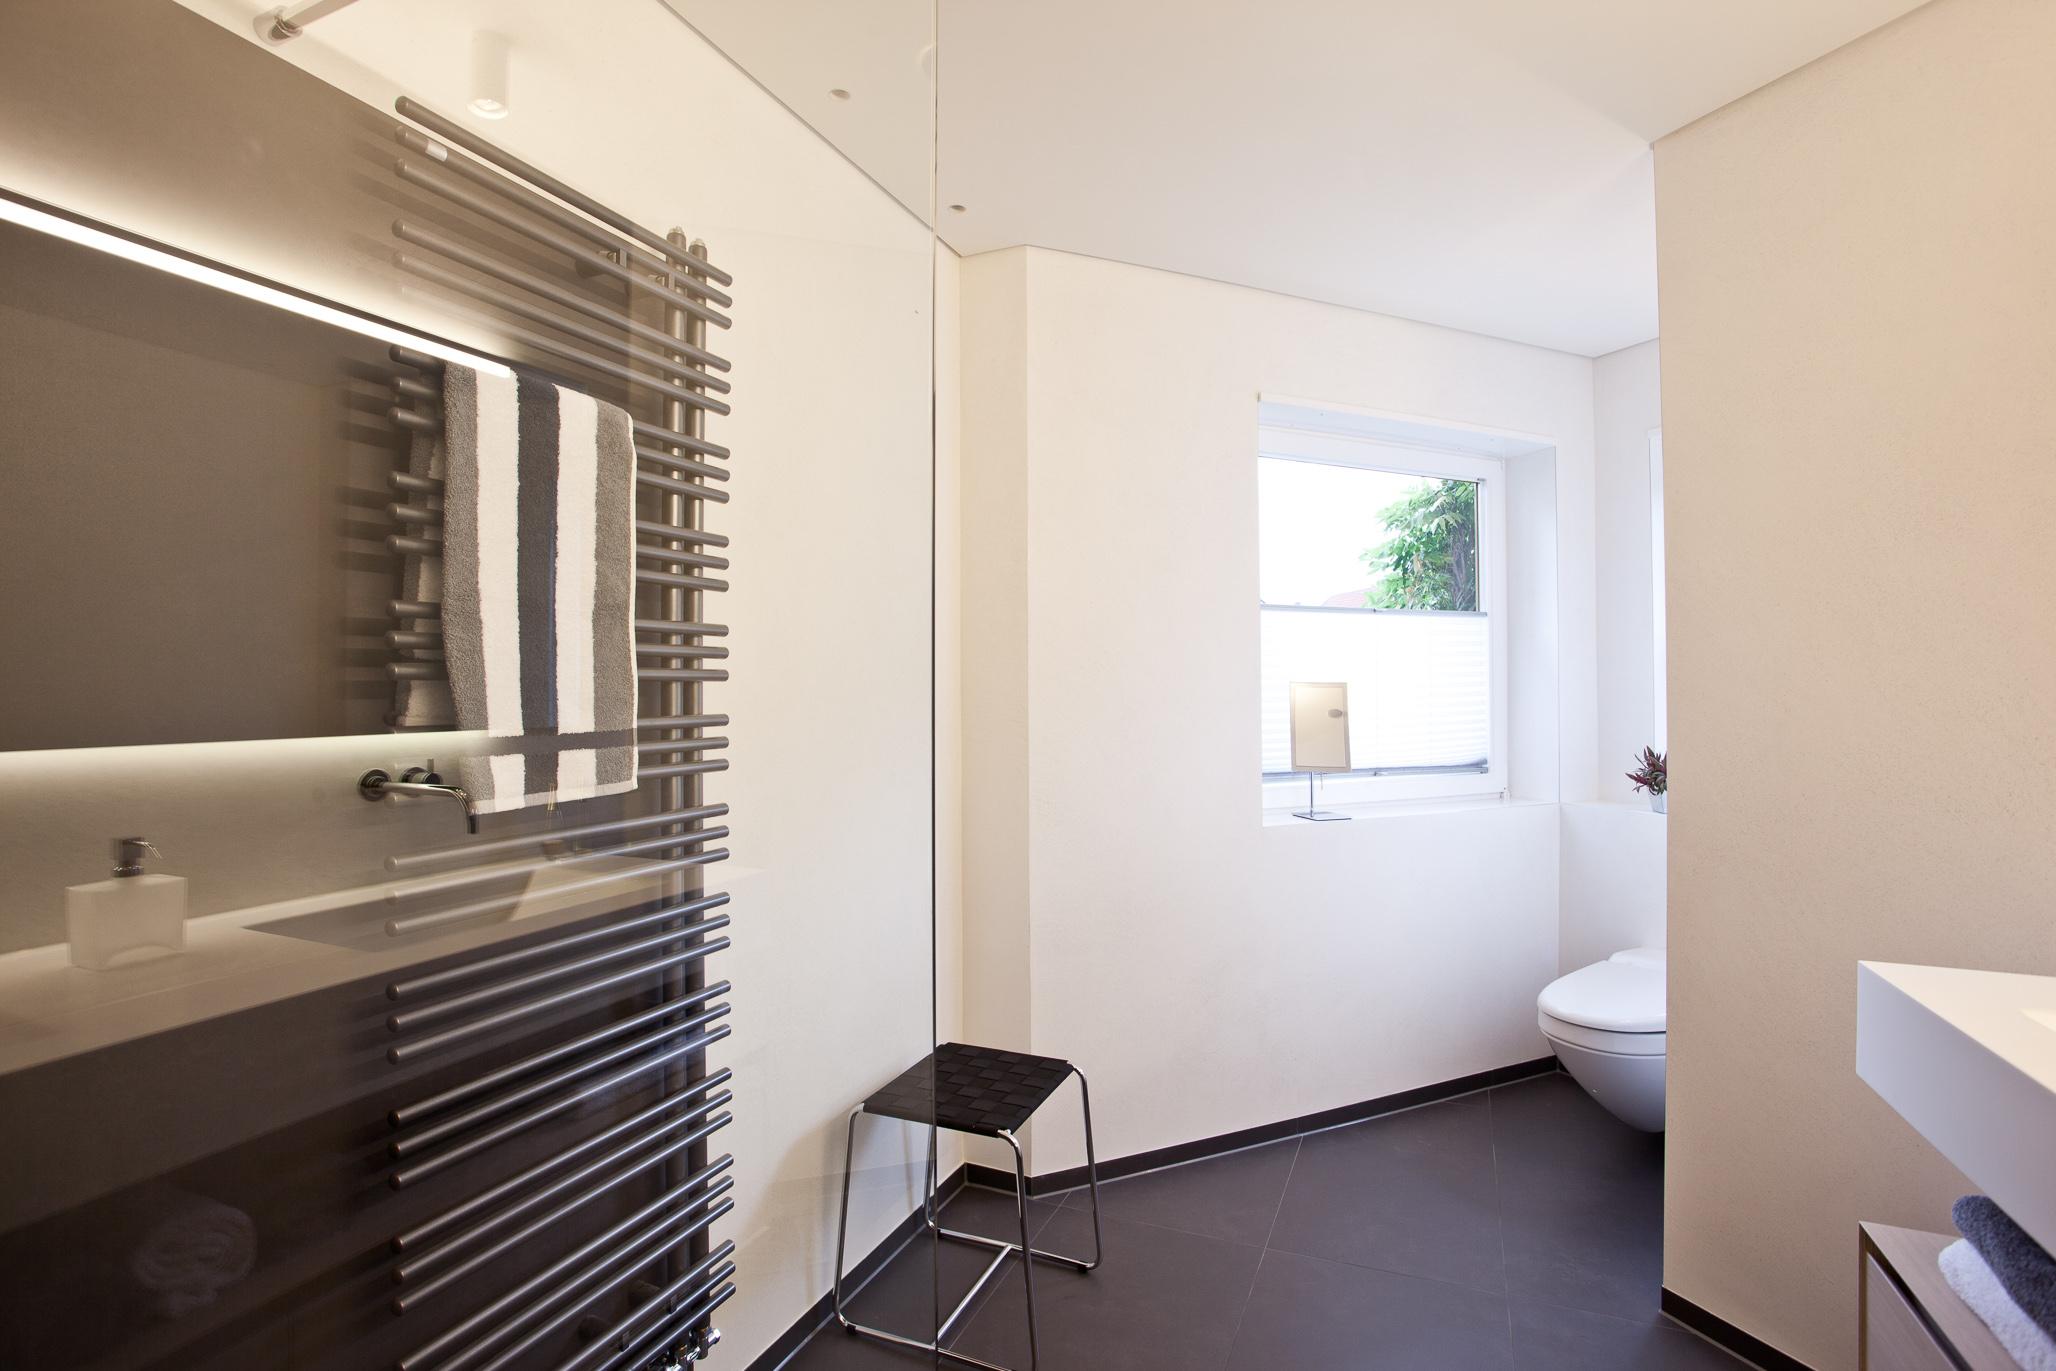 kalkputz badezimmer decke. Black Bedroom Furniture Sets. Home Design Ideas